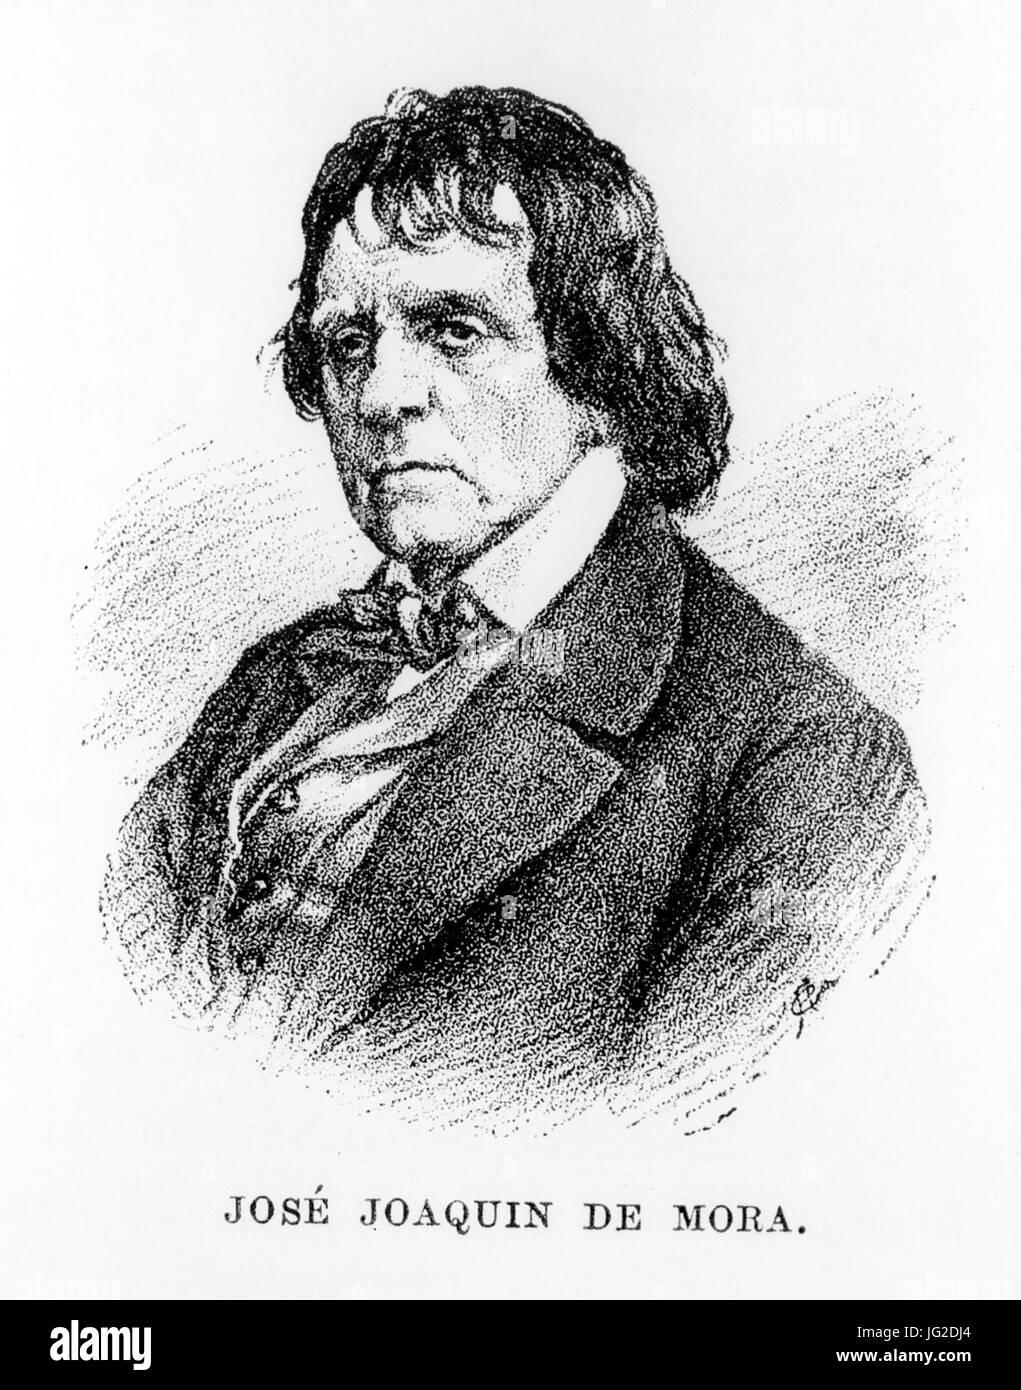 José Joaquín de Mora (1783 - 1864) Stock Photo